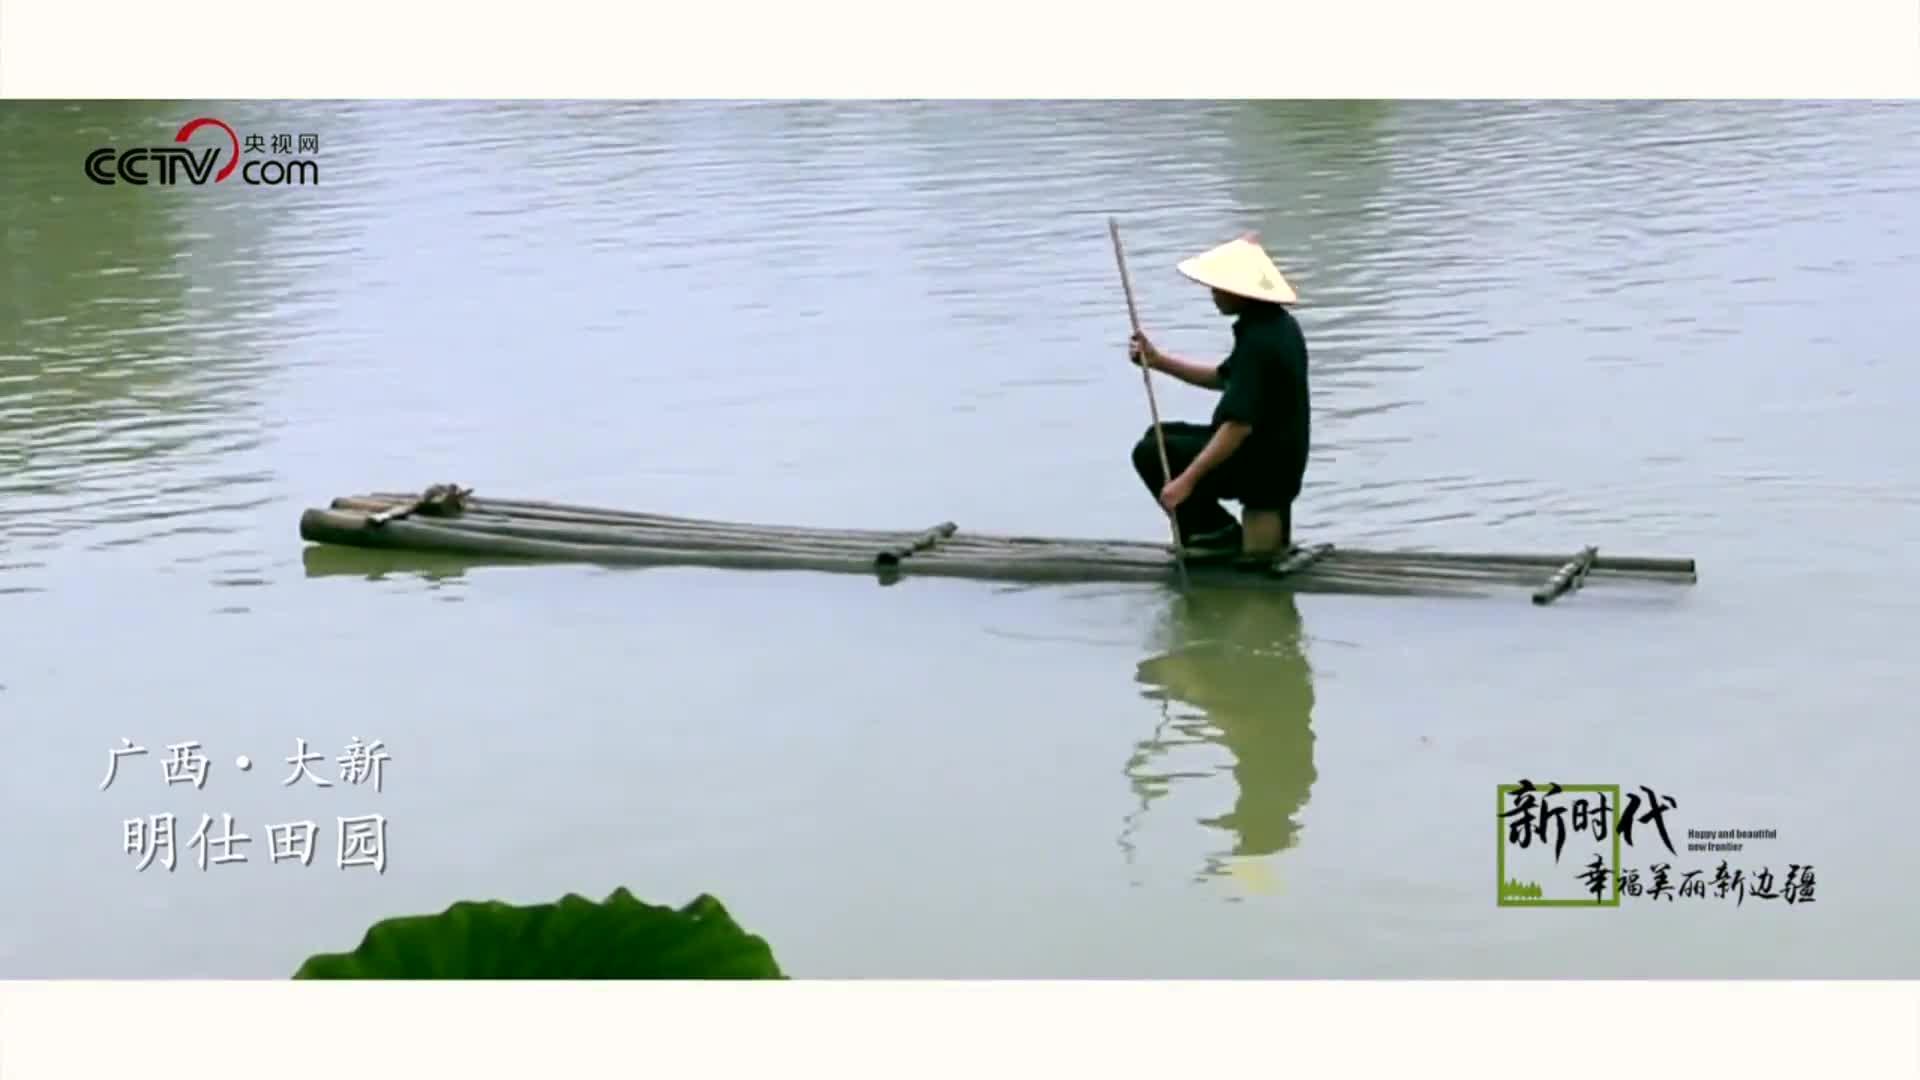 [视频]【新时代·幸福美丽新边疆】航拍明仕田园原生态山水画廊